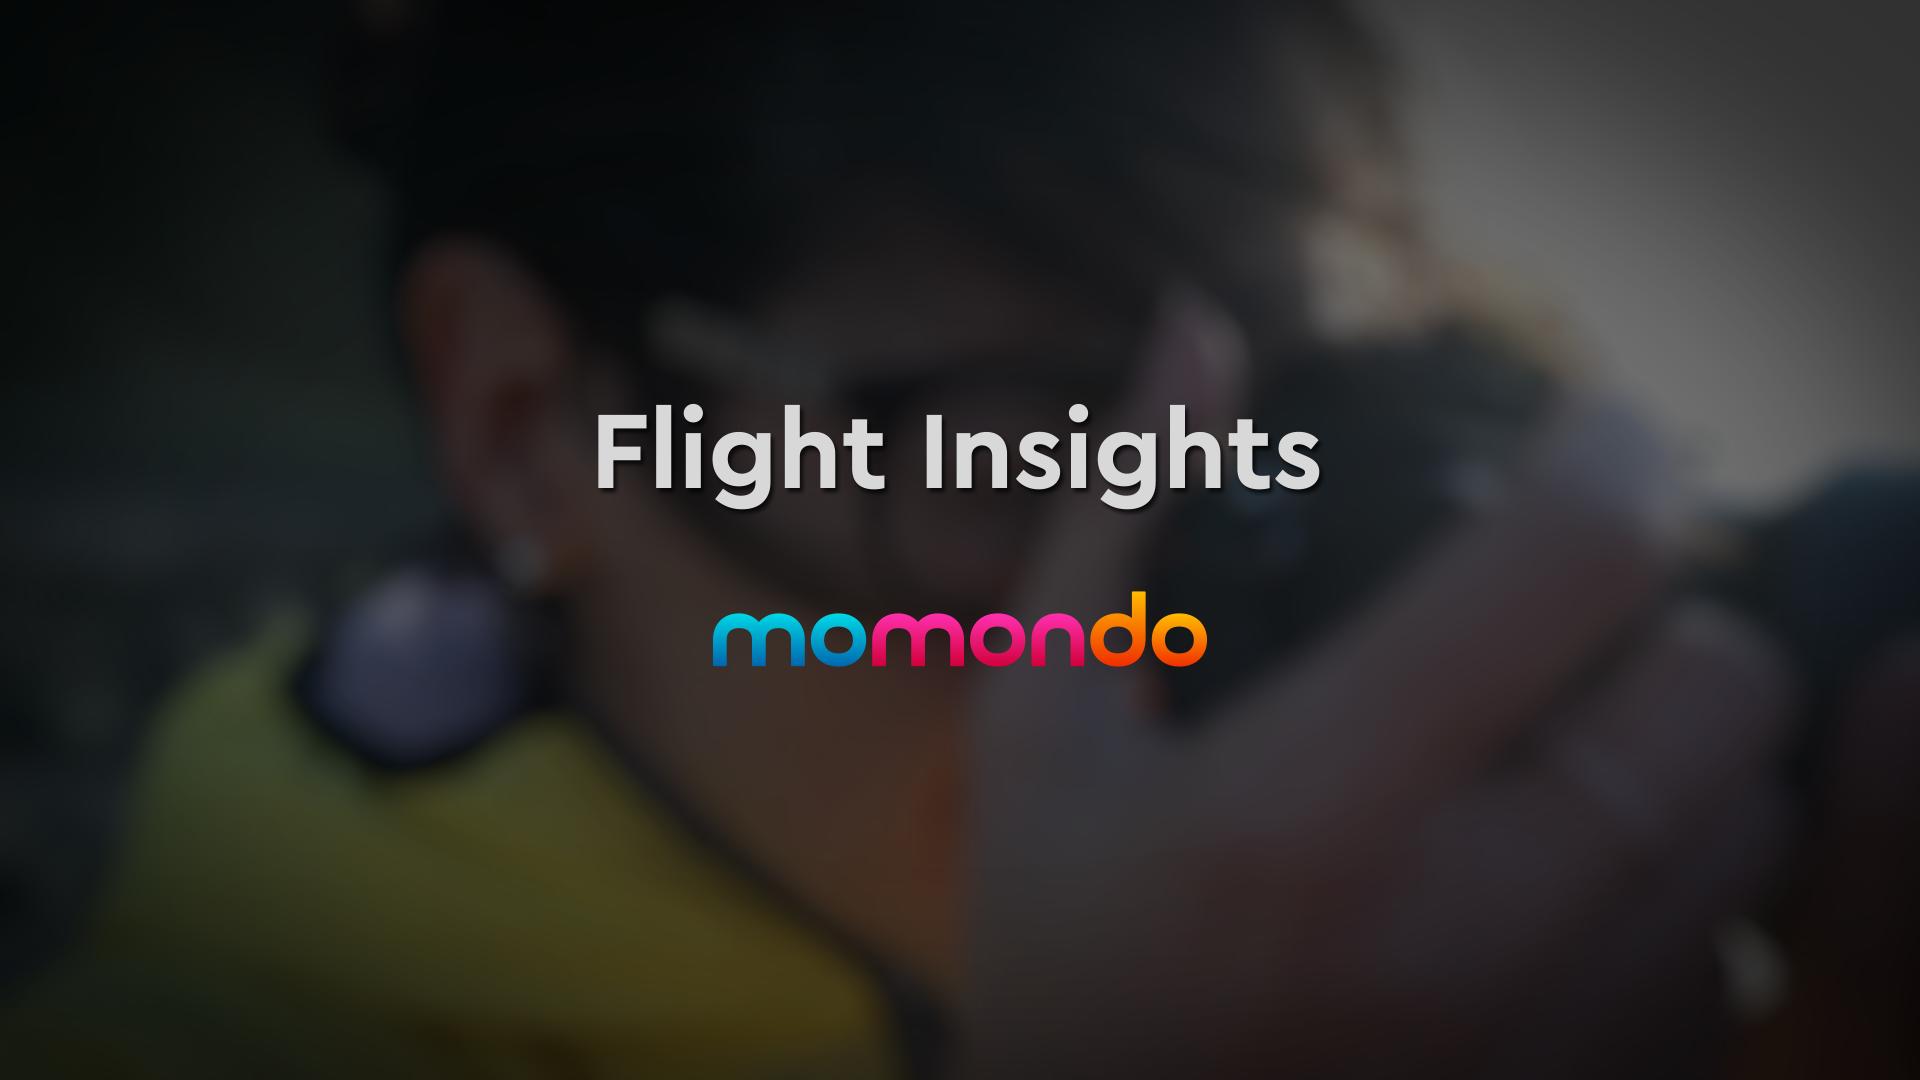 Flight Insights